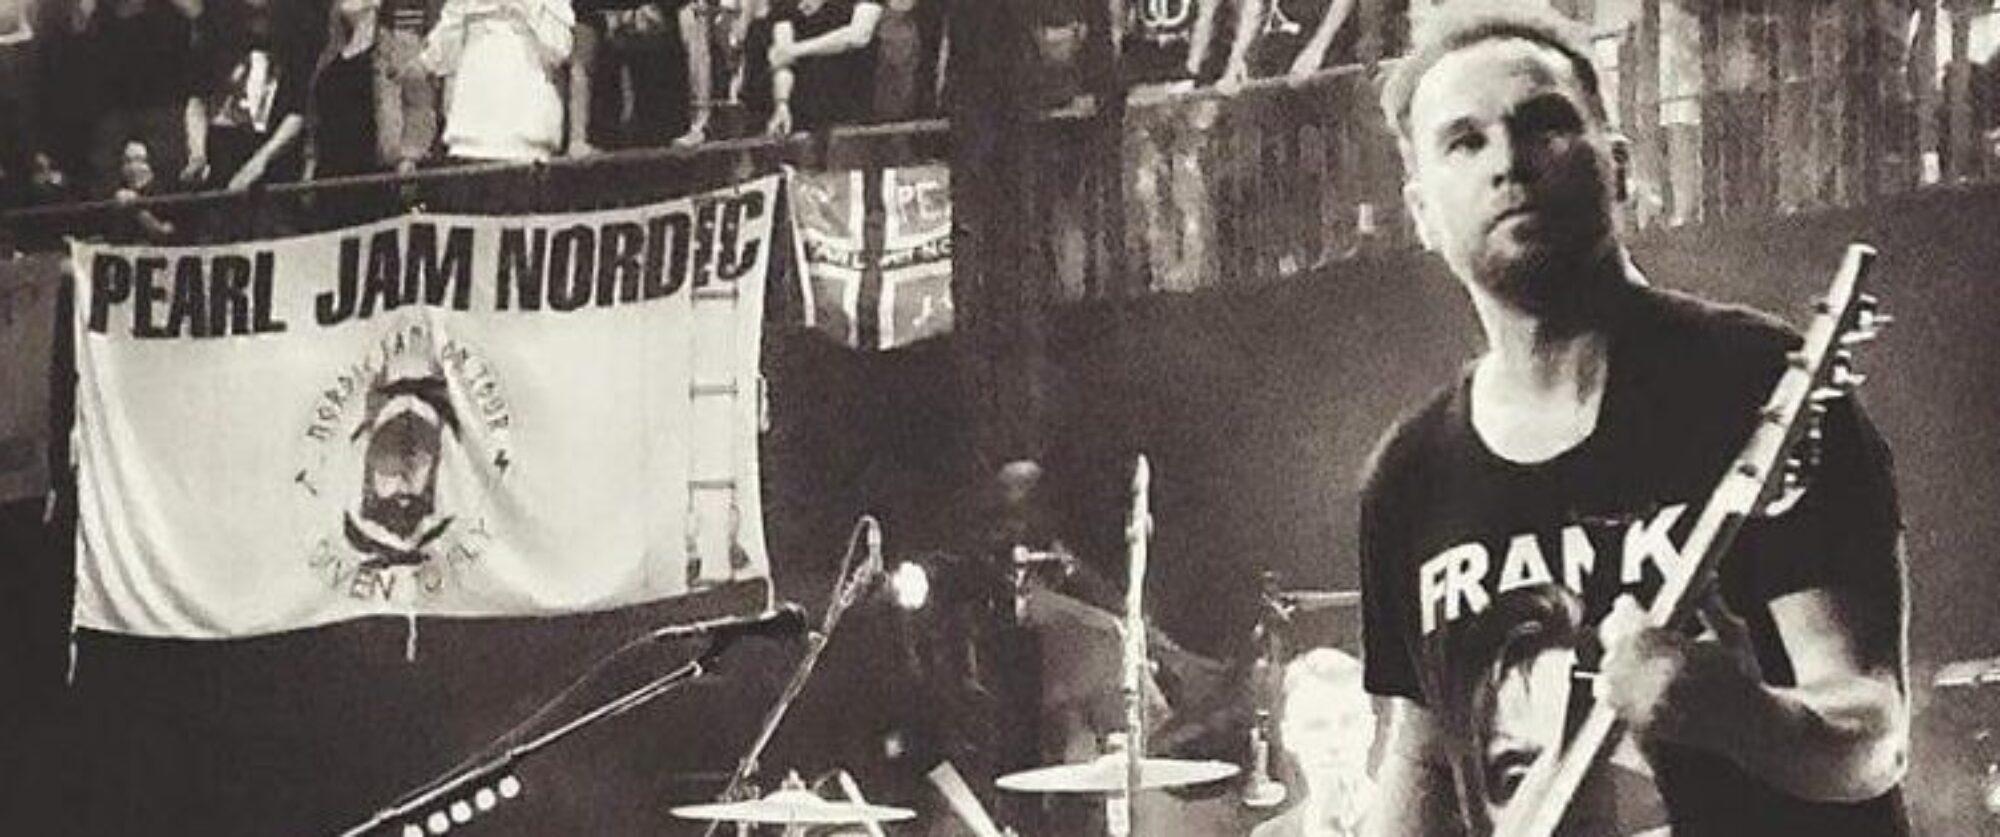 Pearl Jam Nordic